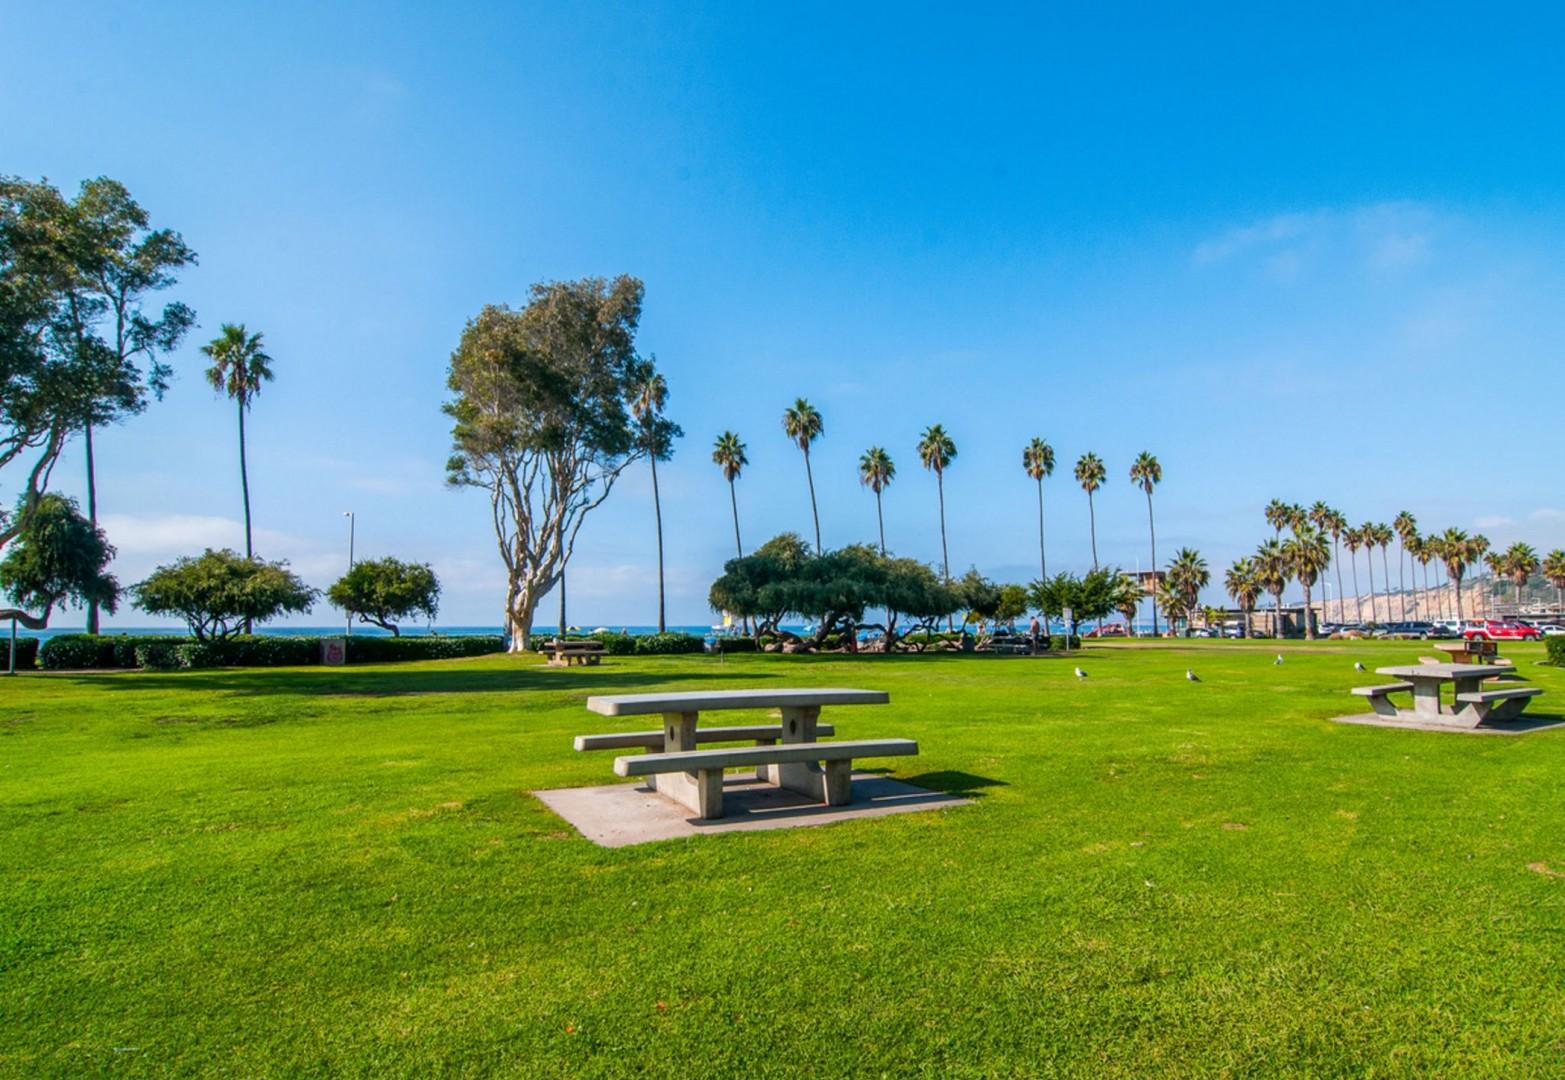 La-Jolla-Shores-Kellogg-Park2